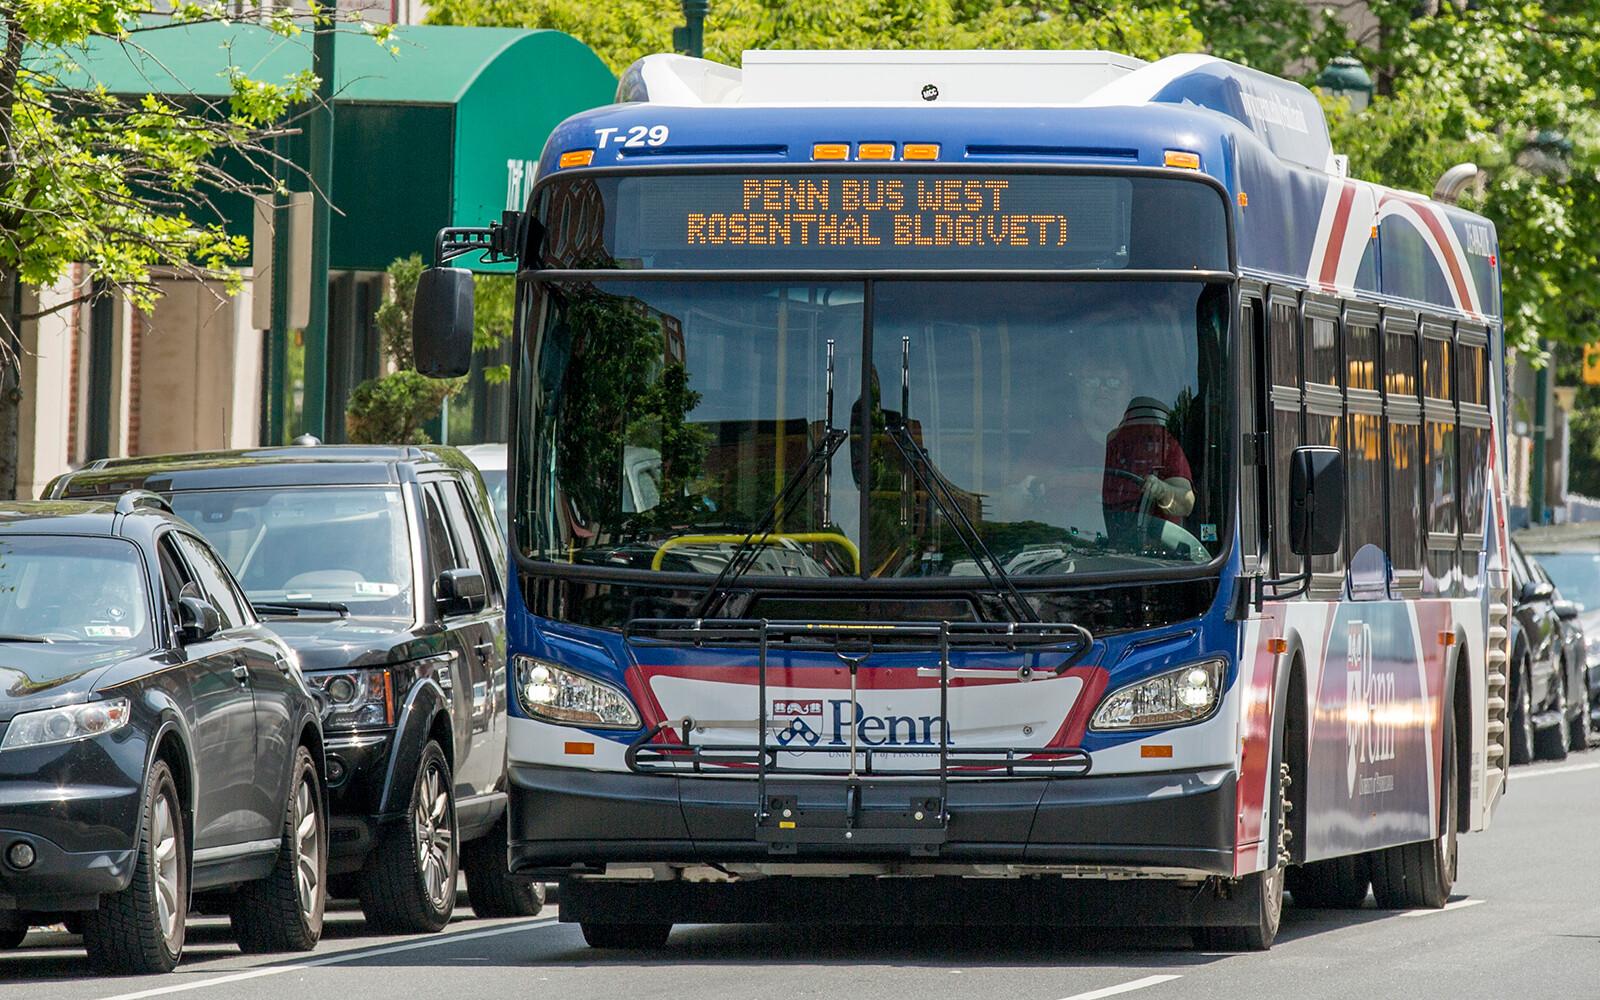 وسائل النقل العام في بنسلفانيا